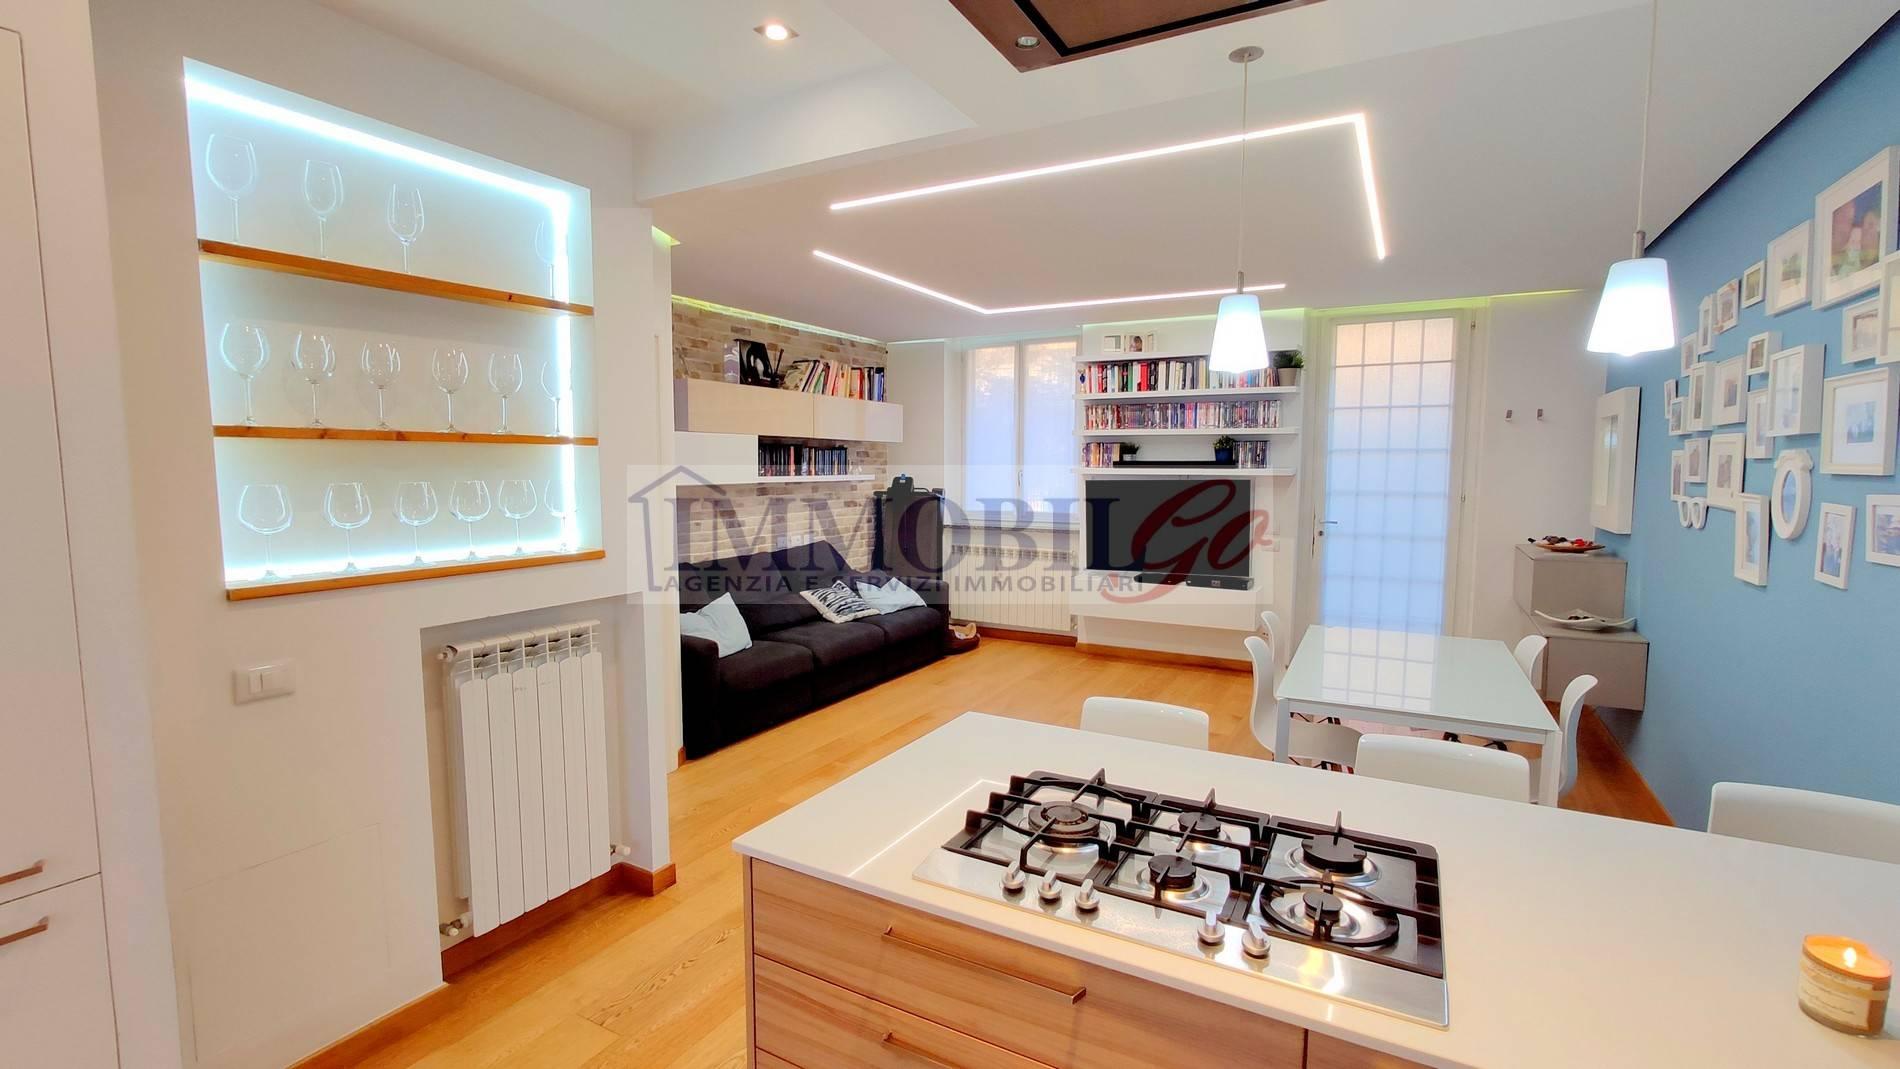 Villa in vendita a Madone, 3 locali, prezzo € 189.000 | CambioCasa.it